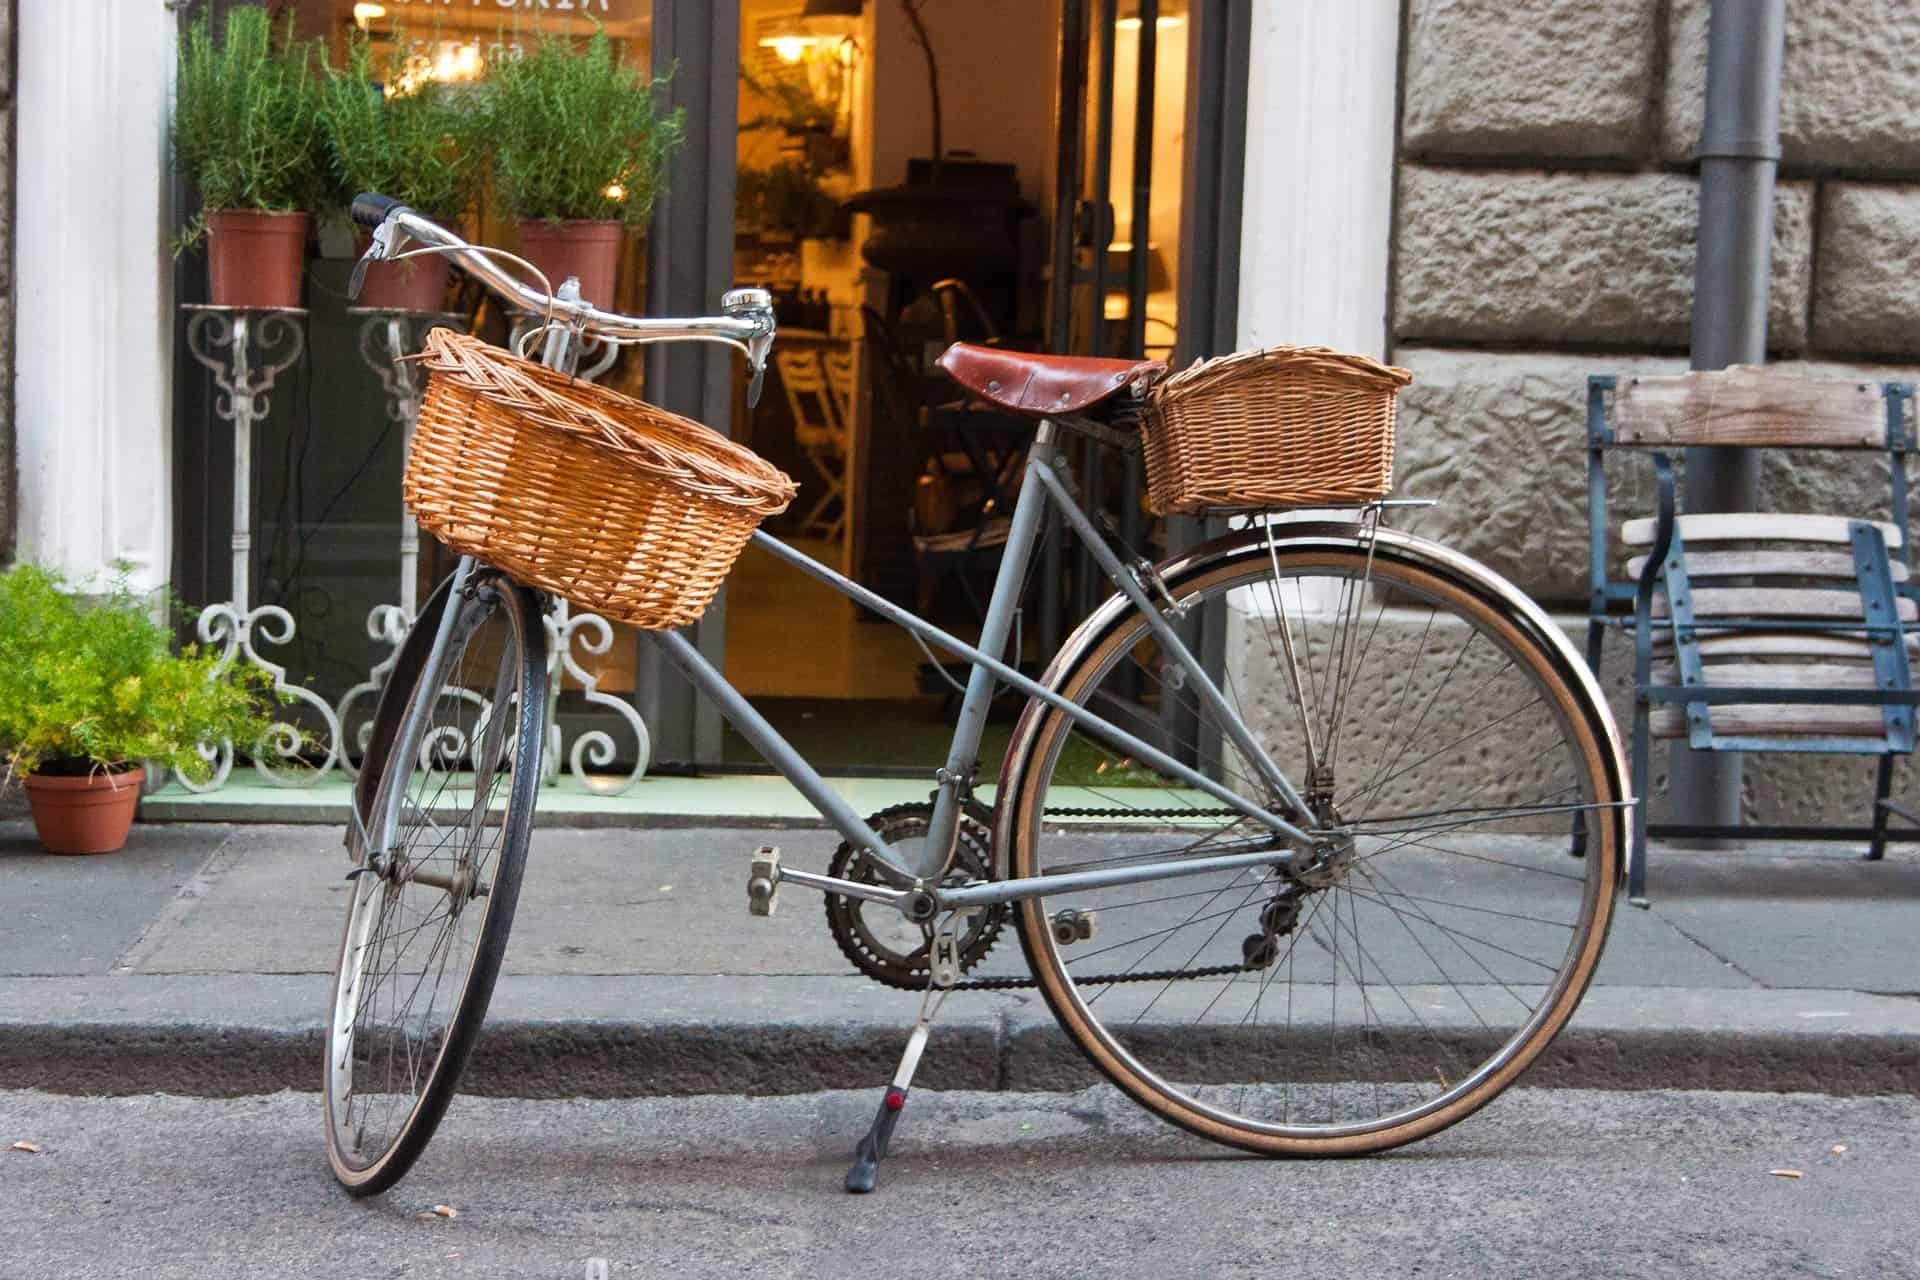 Fahrradkorb: Test & Empfehlungen (01/21)